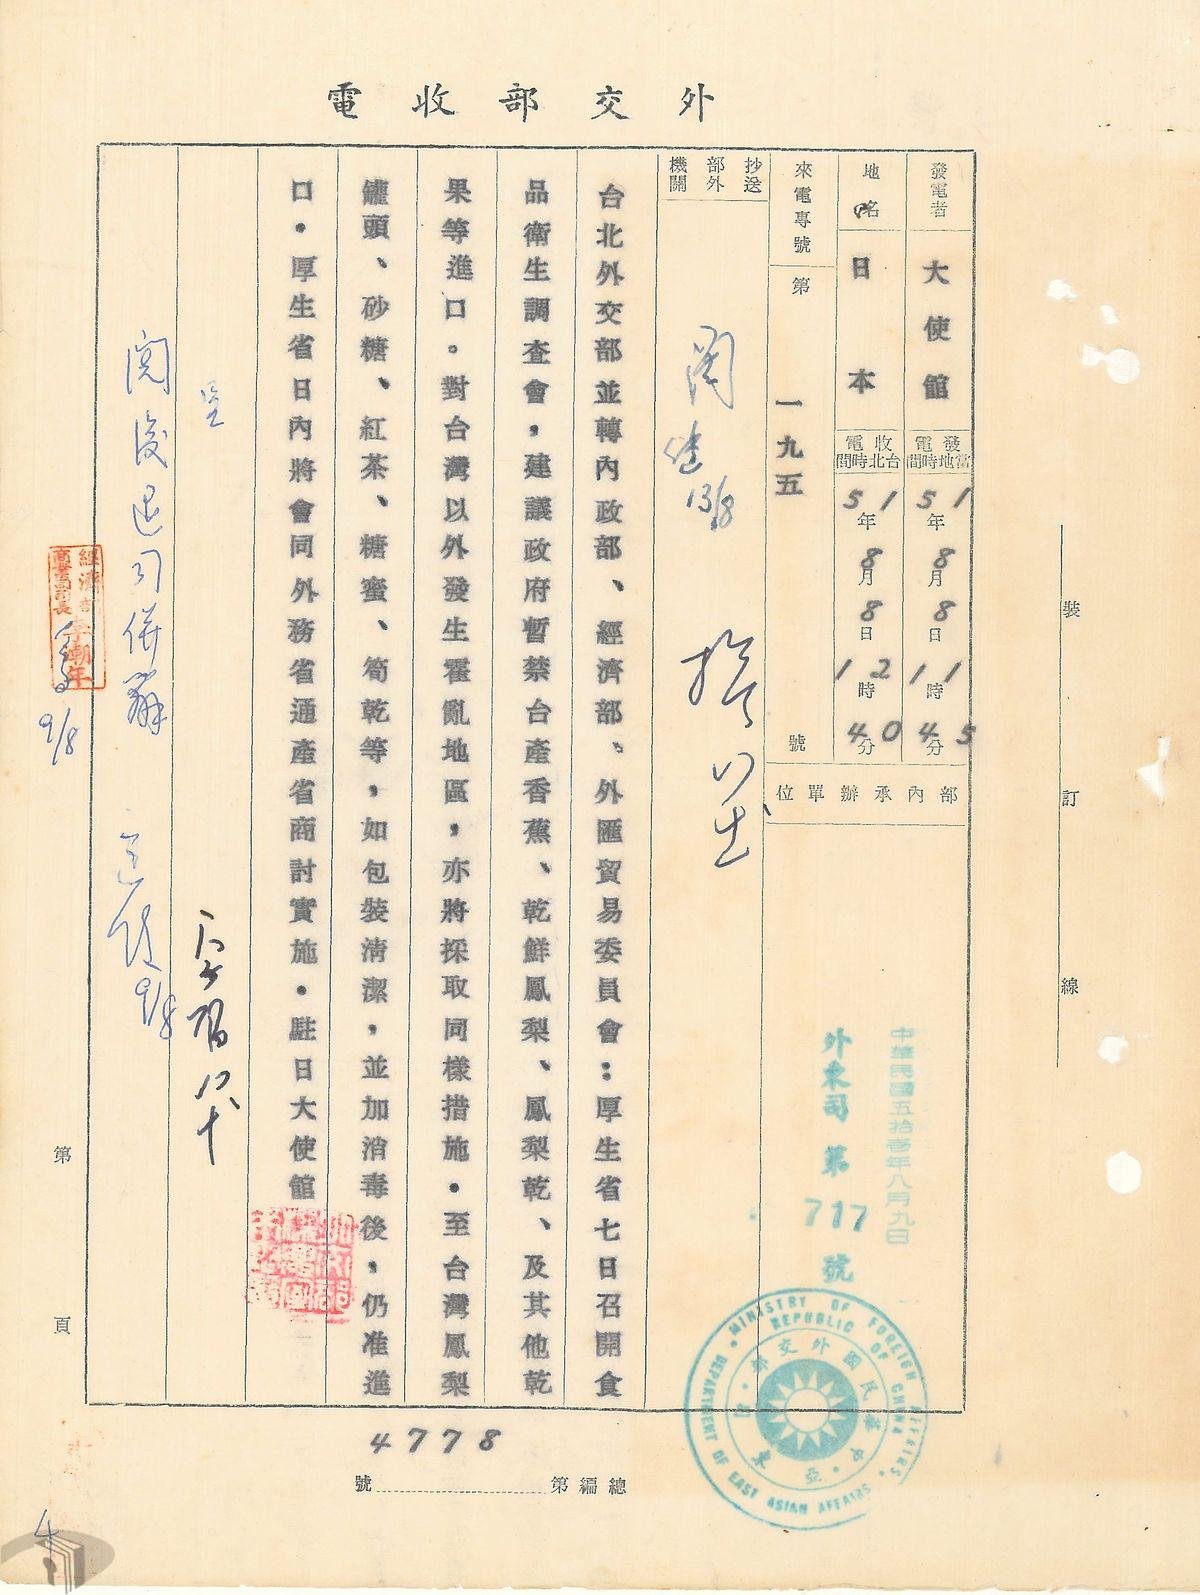 圖13 日本禁止臺灣香蕉、鳳梨、乾果進口